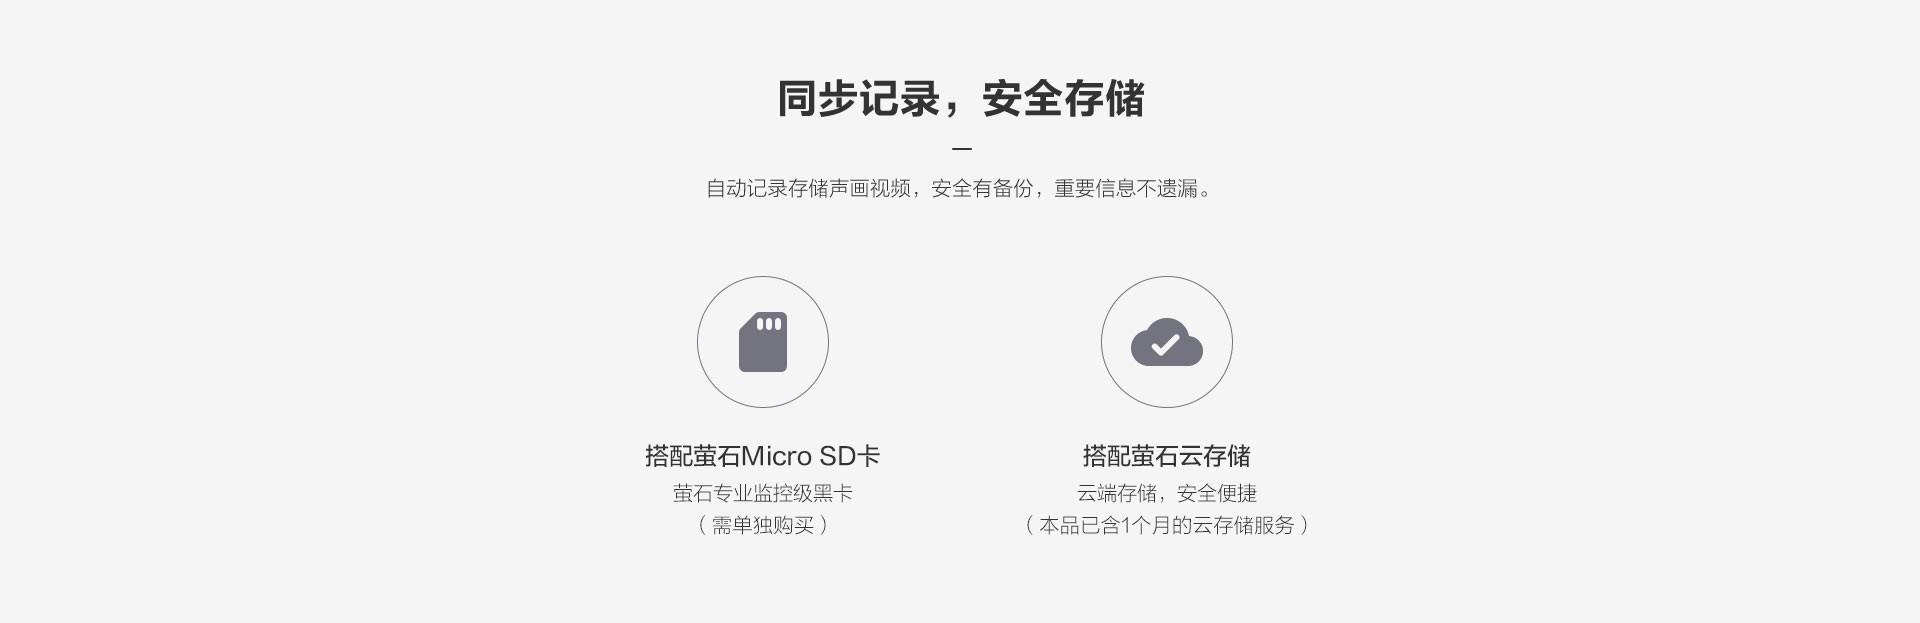 通用模块-存储-web.jpg